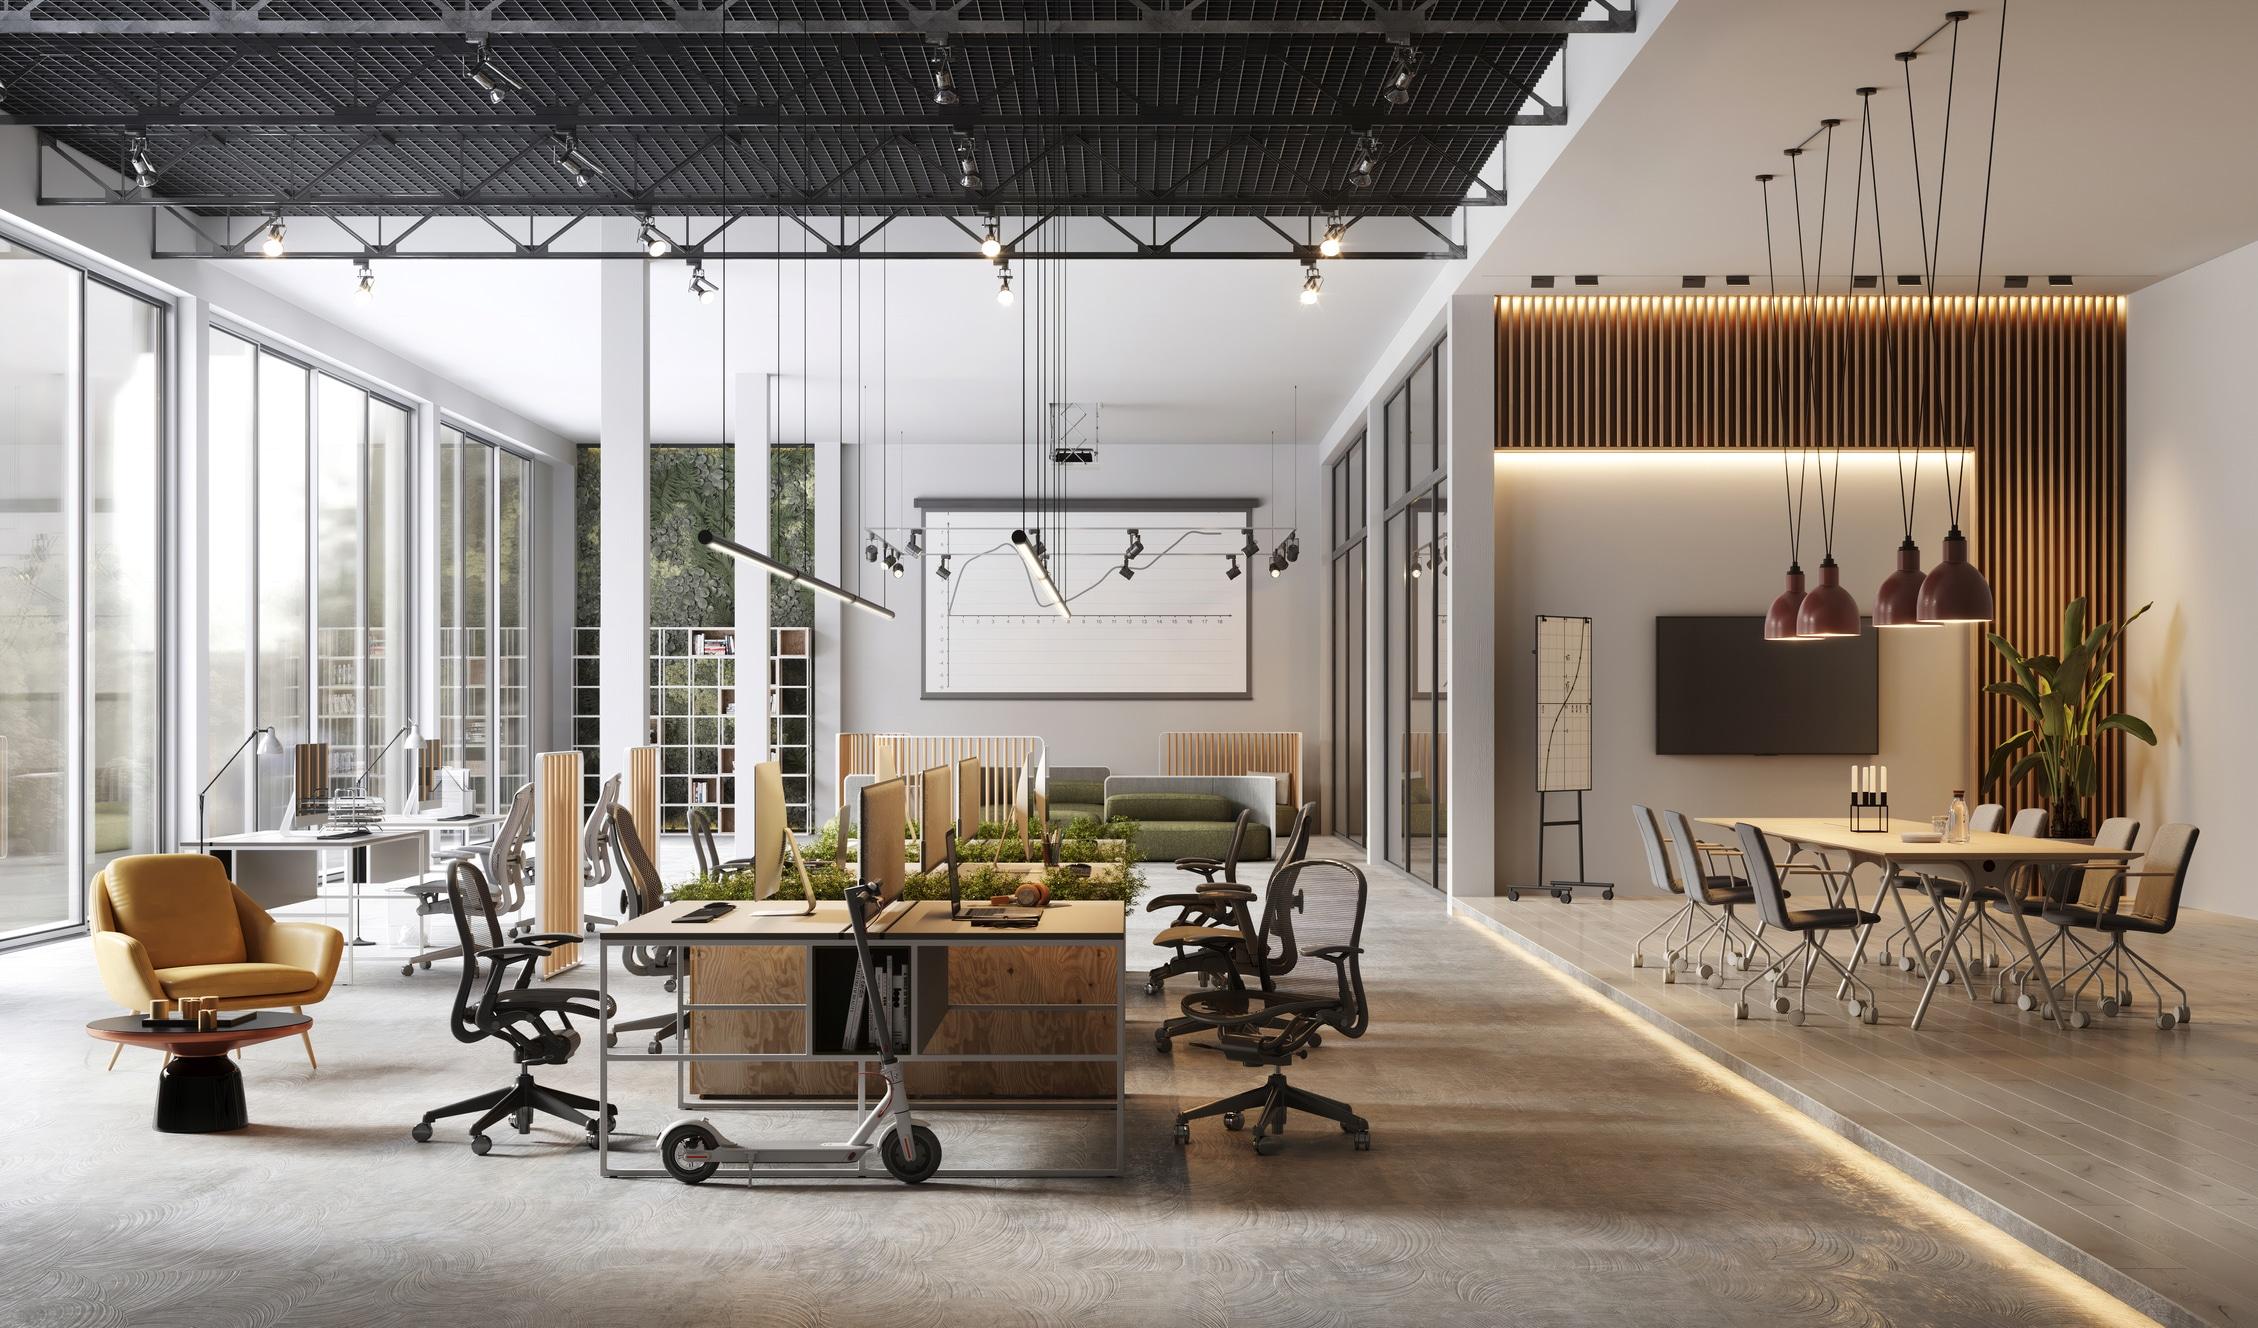 Mesas e cadeiras em um escritório vazio